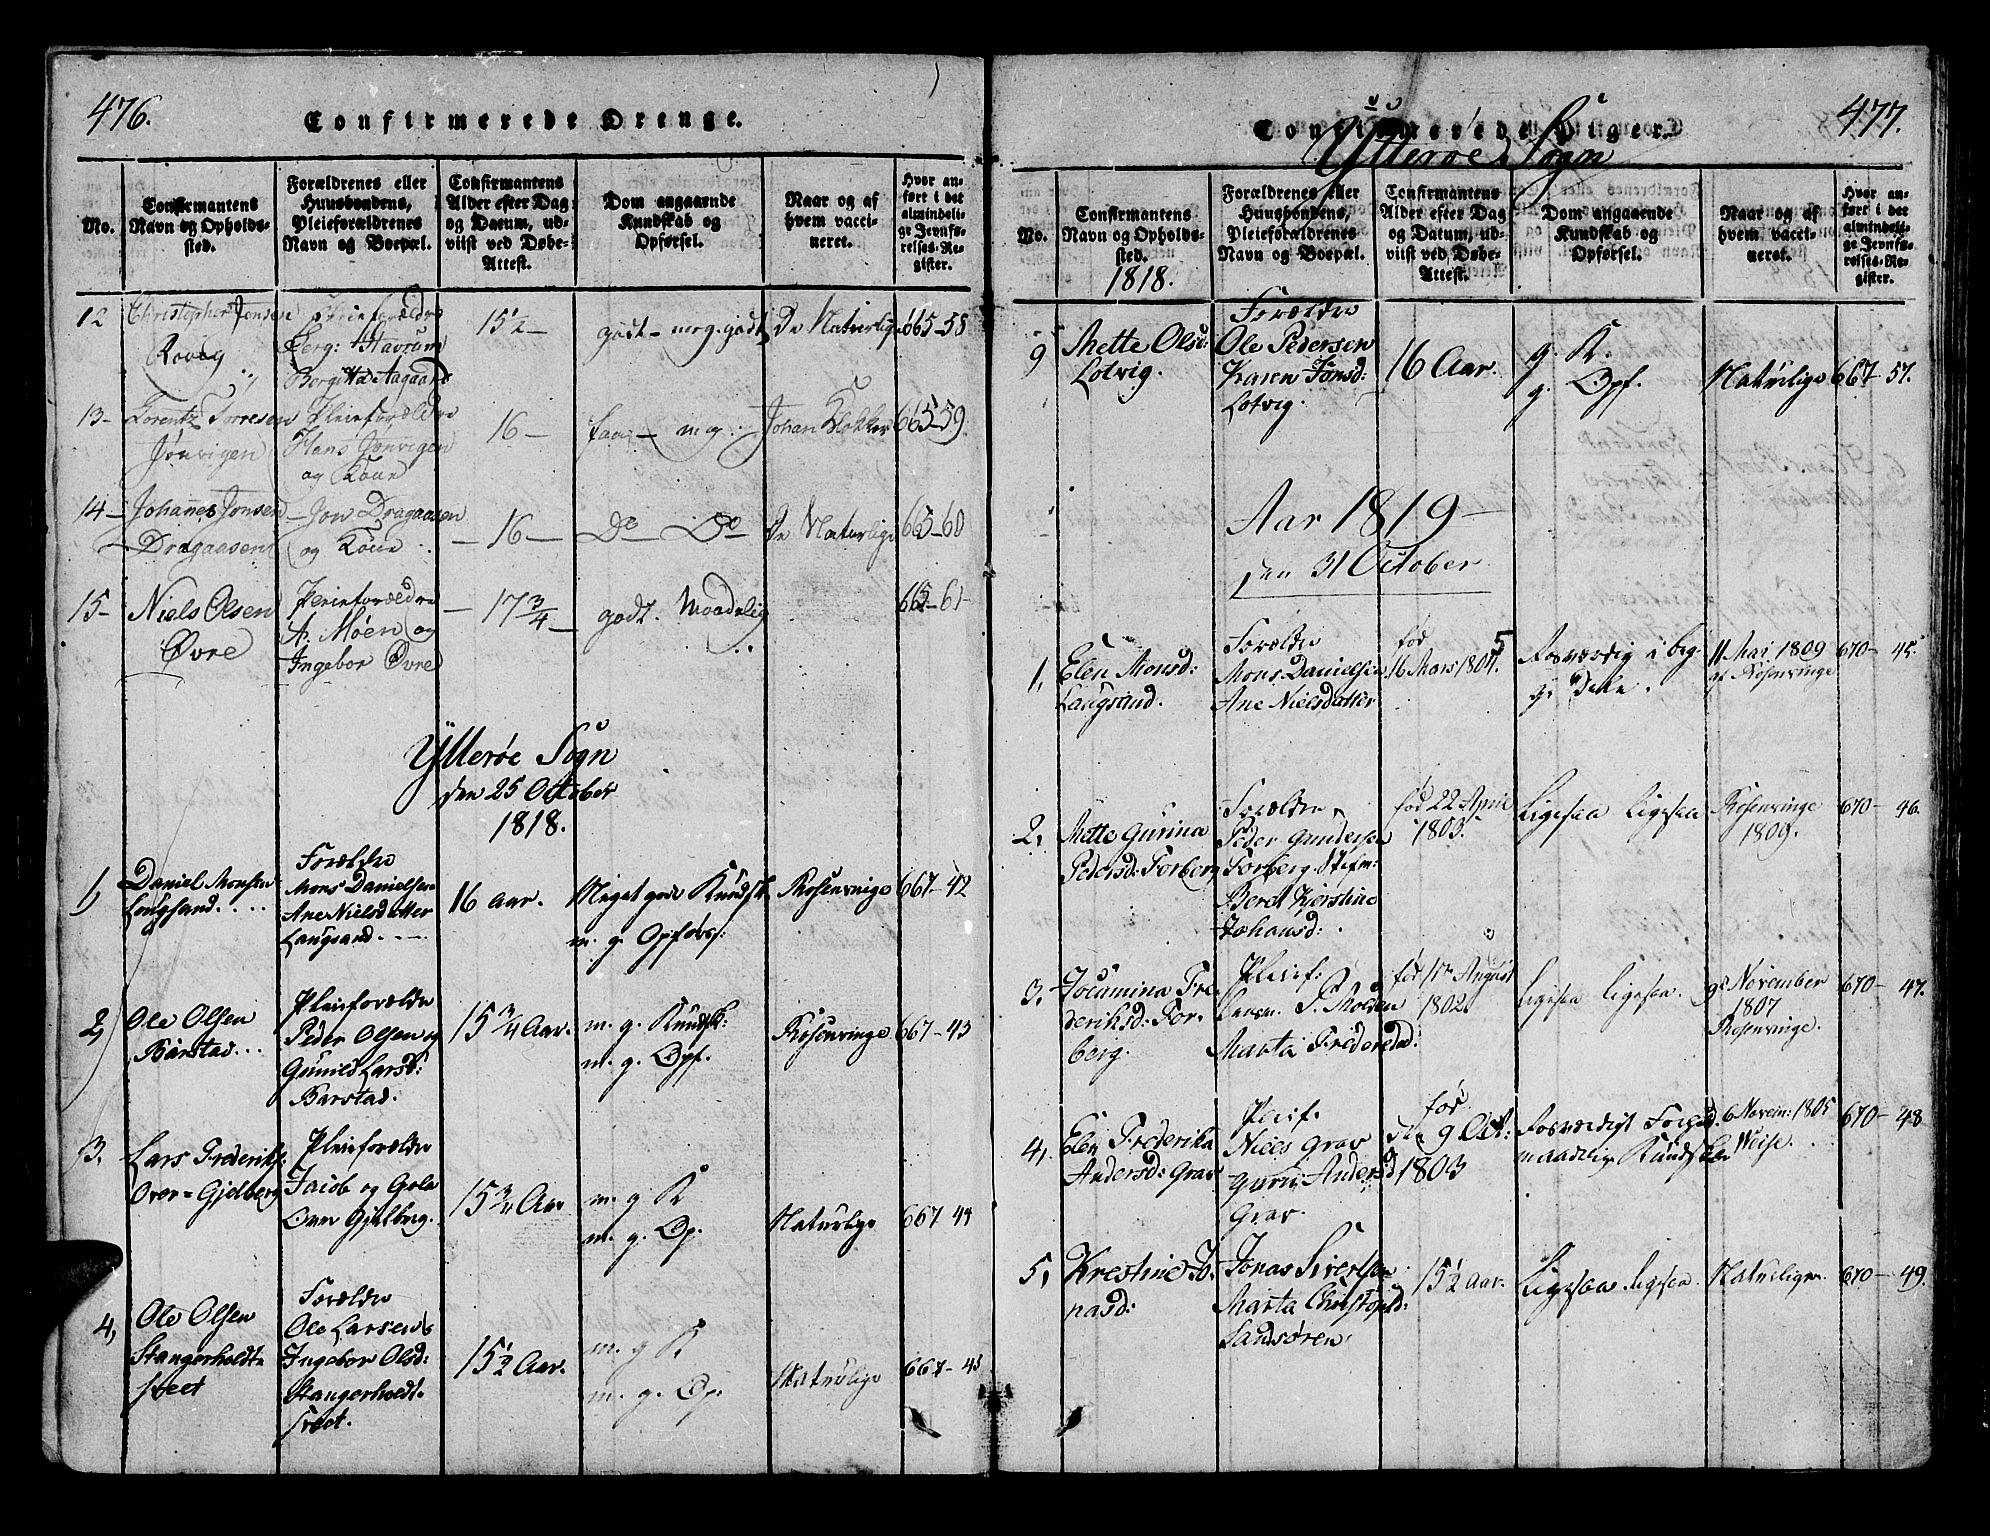 SAT, Ministerialprotokoller, klokkerbøker og fødselsregistre - Nord-Trøndelag, 722/L0217: Ministerialbok nr. 722A04, 1817-1842, s. 476-477